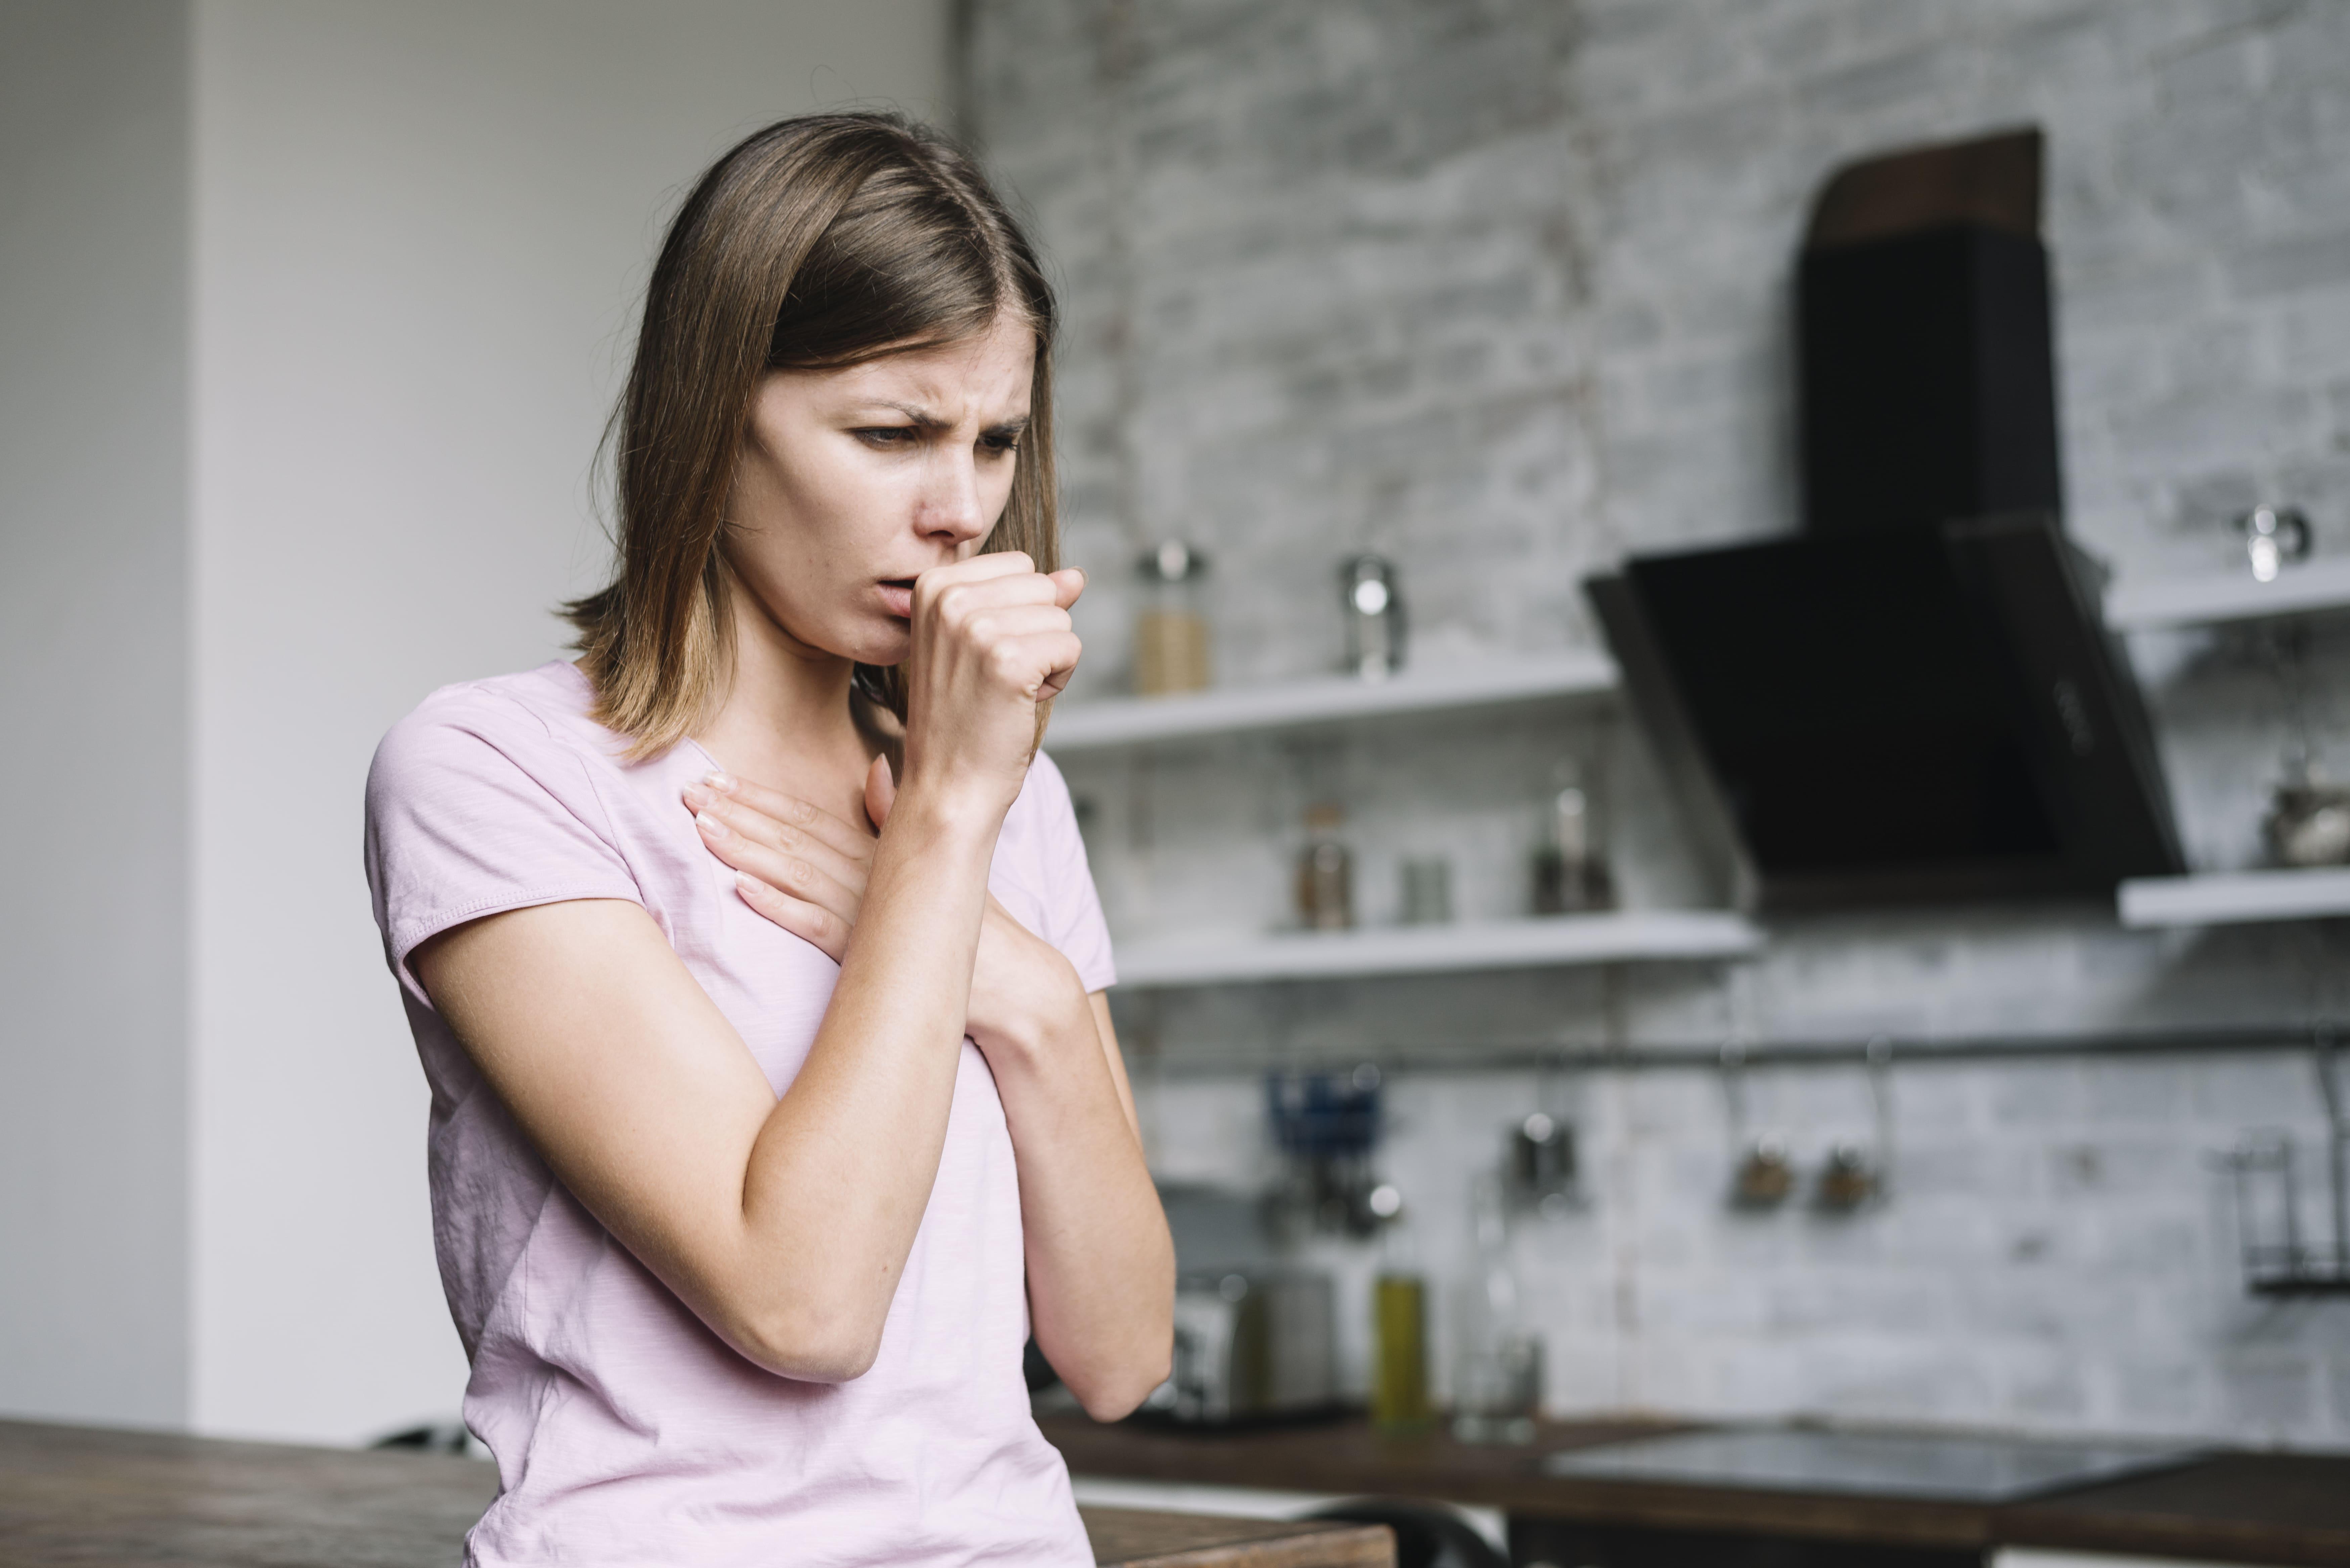 Batuk menjadi penyakit musiman yang muncul pada saat musim hujan. Kunyit menjadi pilihan terbaik dalam mengatasi gejala batuk. (Foto: Freepik)